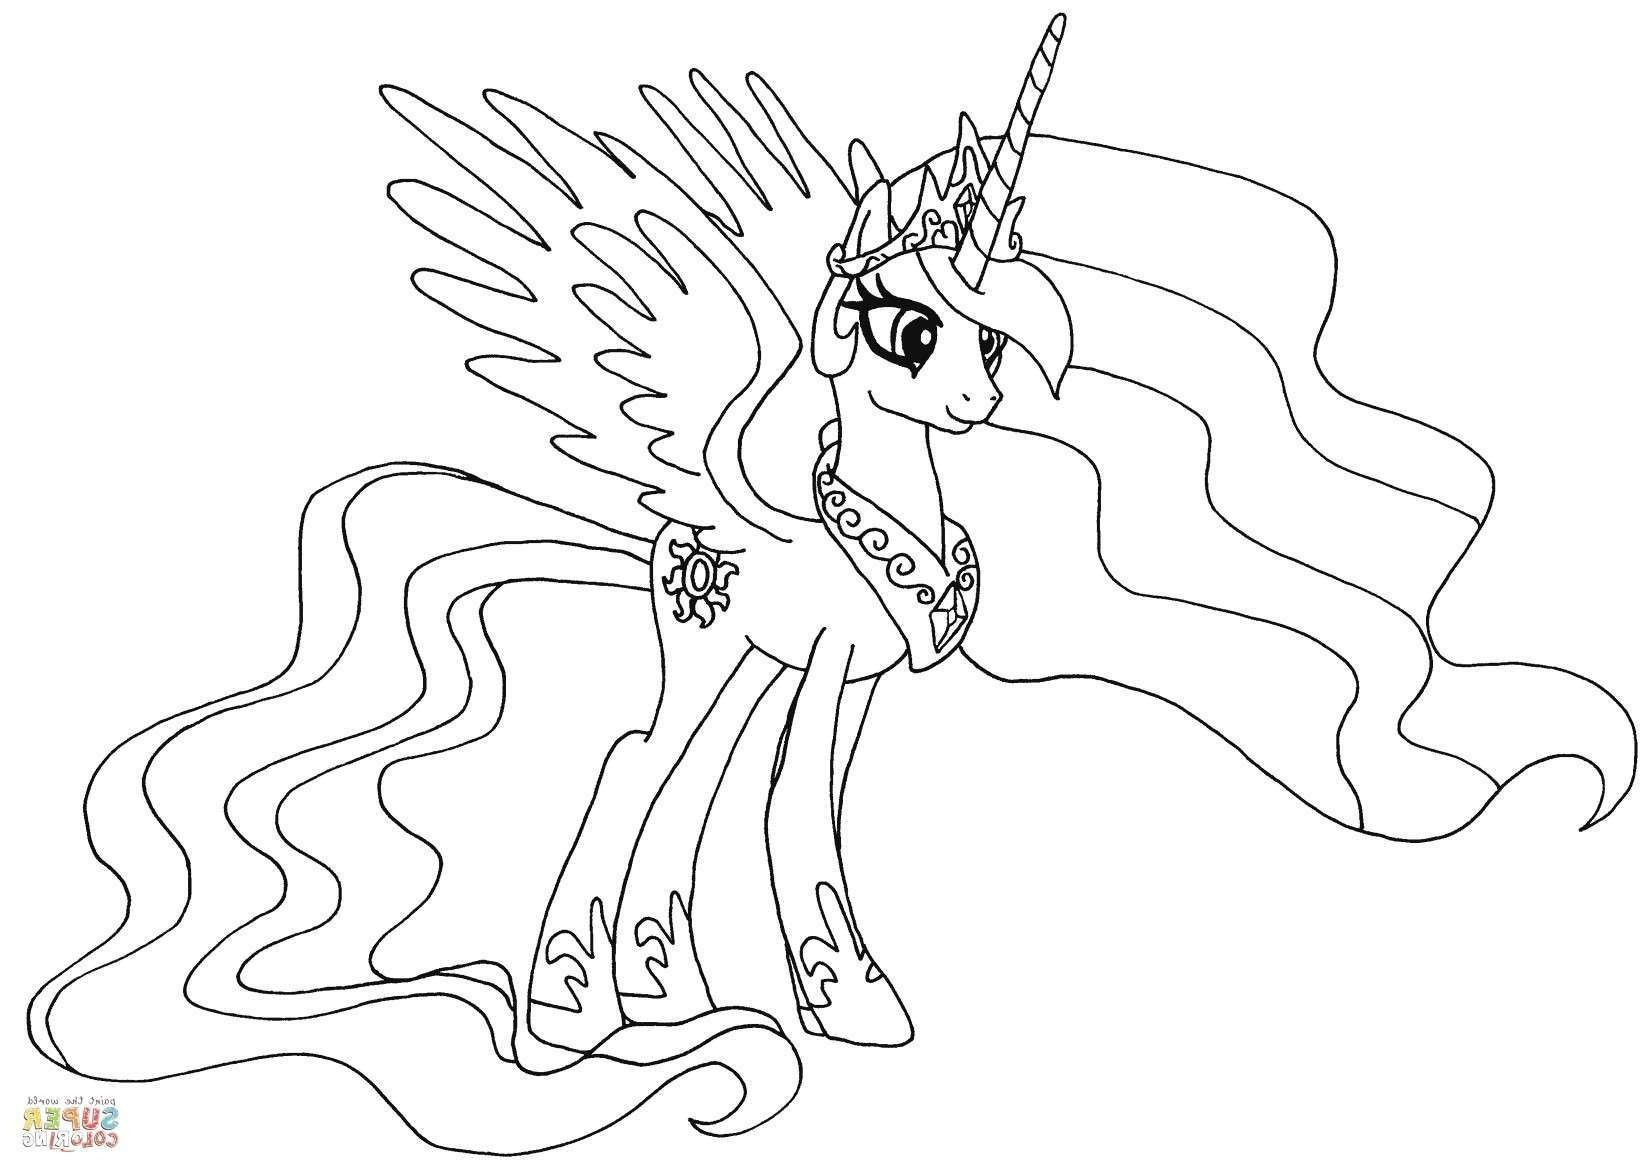 Ausmalbilder Prinzessin Malvorlagen Neu Meine Kleine Pony Prinzessin Luna Malvorlagen Giap Thdr Fotos